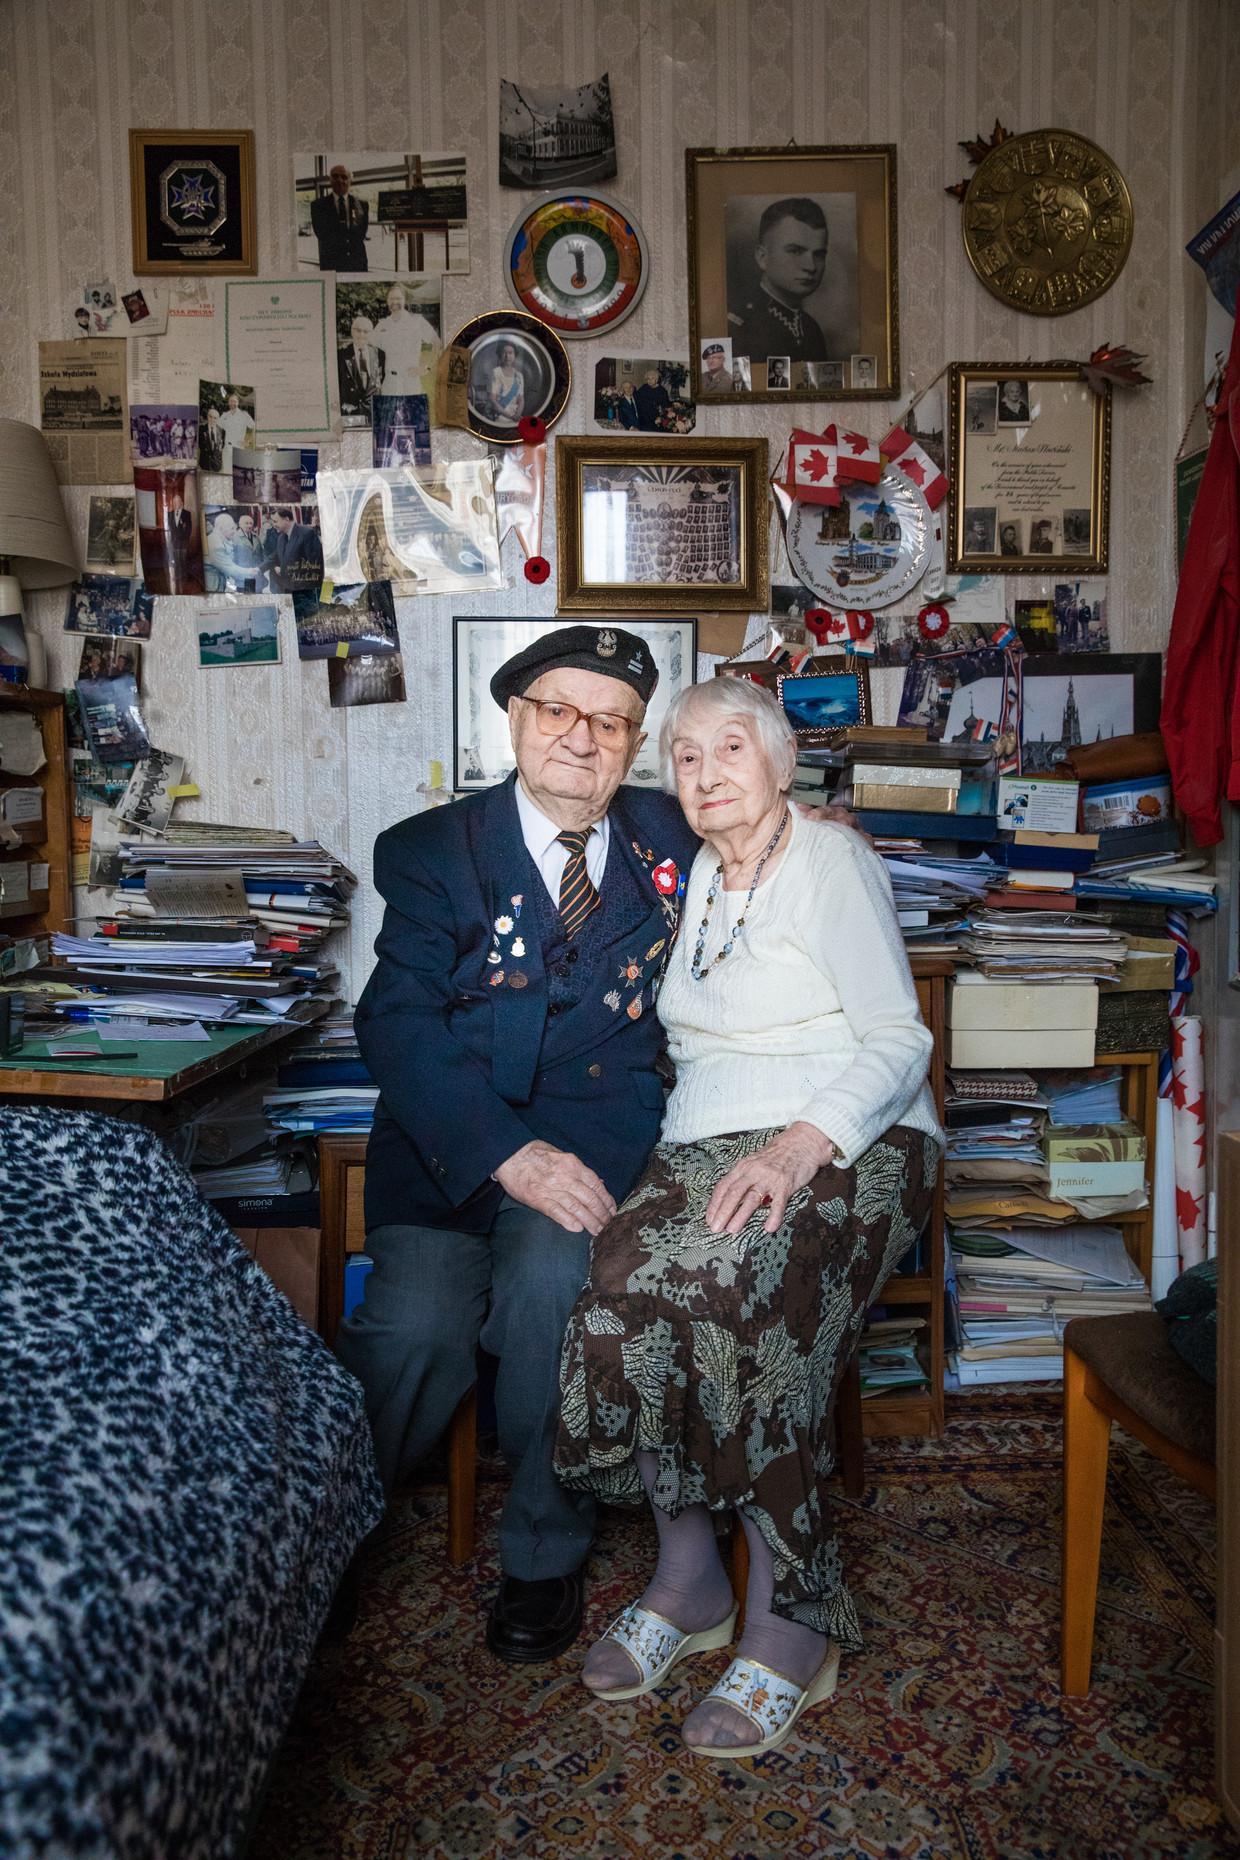 Marian Slowinski, veteraan van de Tweede Wereld Oorlog en zijn vrouw, ook veteraan, in hun apartement in Warschau.